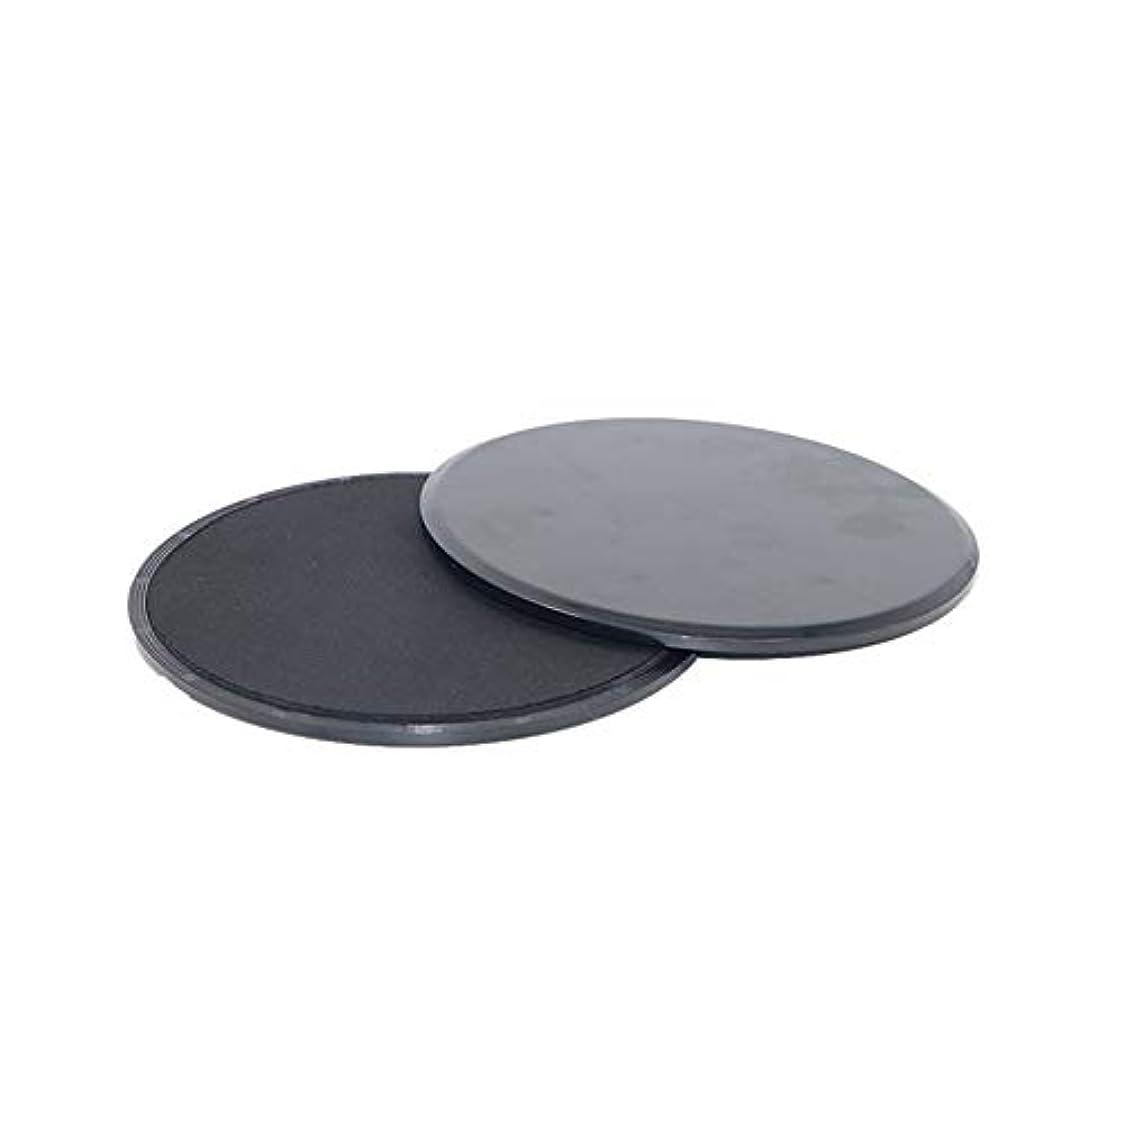 代名詞深く驚かすフィットネススライドグライディングディスク調整能力フィットネスエクササイズスライダーコアトレーニング腹部と全身トレーニング用 - ブラック